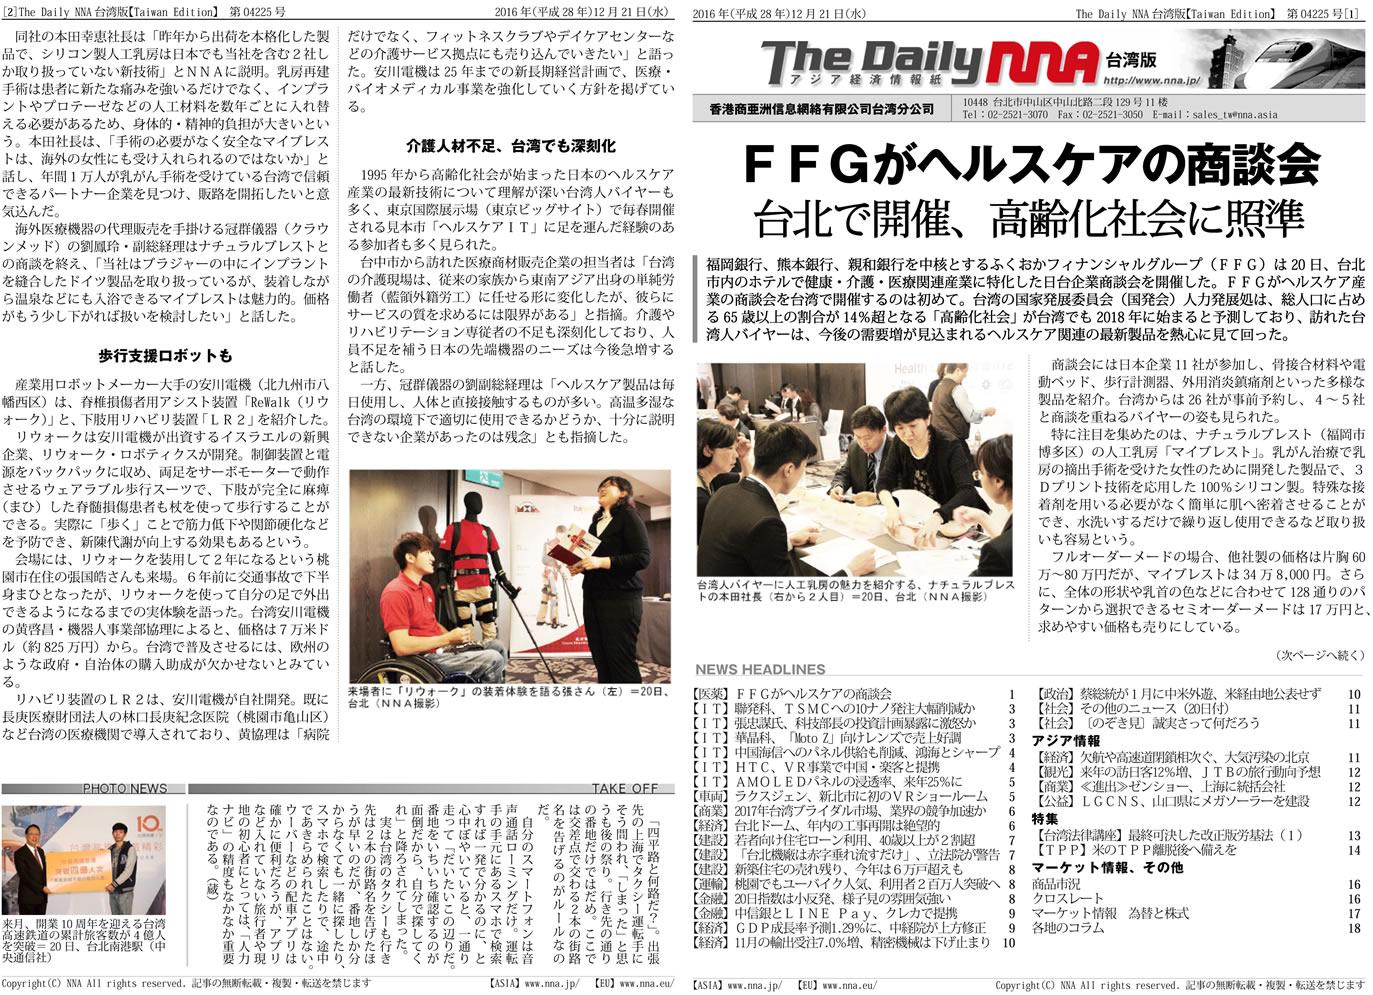 THE DAILY NNAのトップ記事にナチュラルブレストが掲載されました。